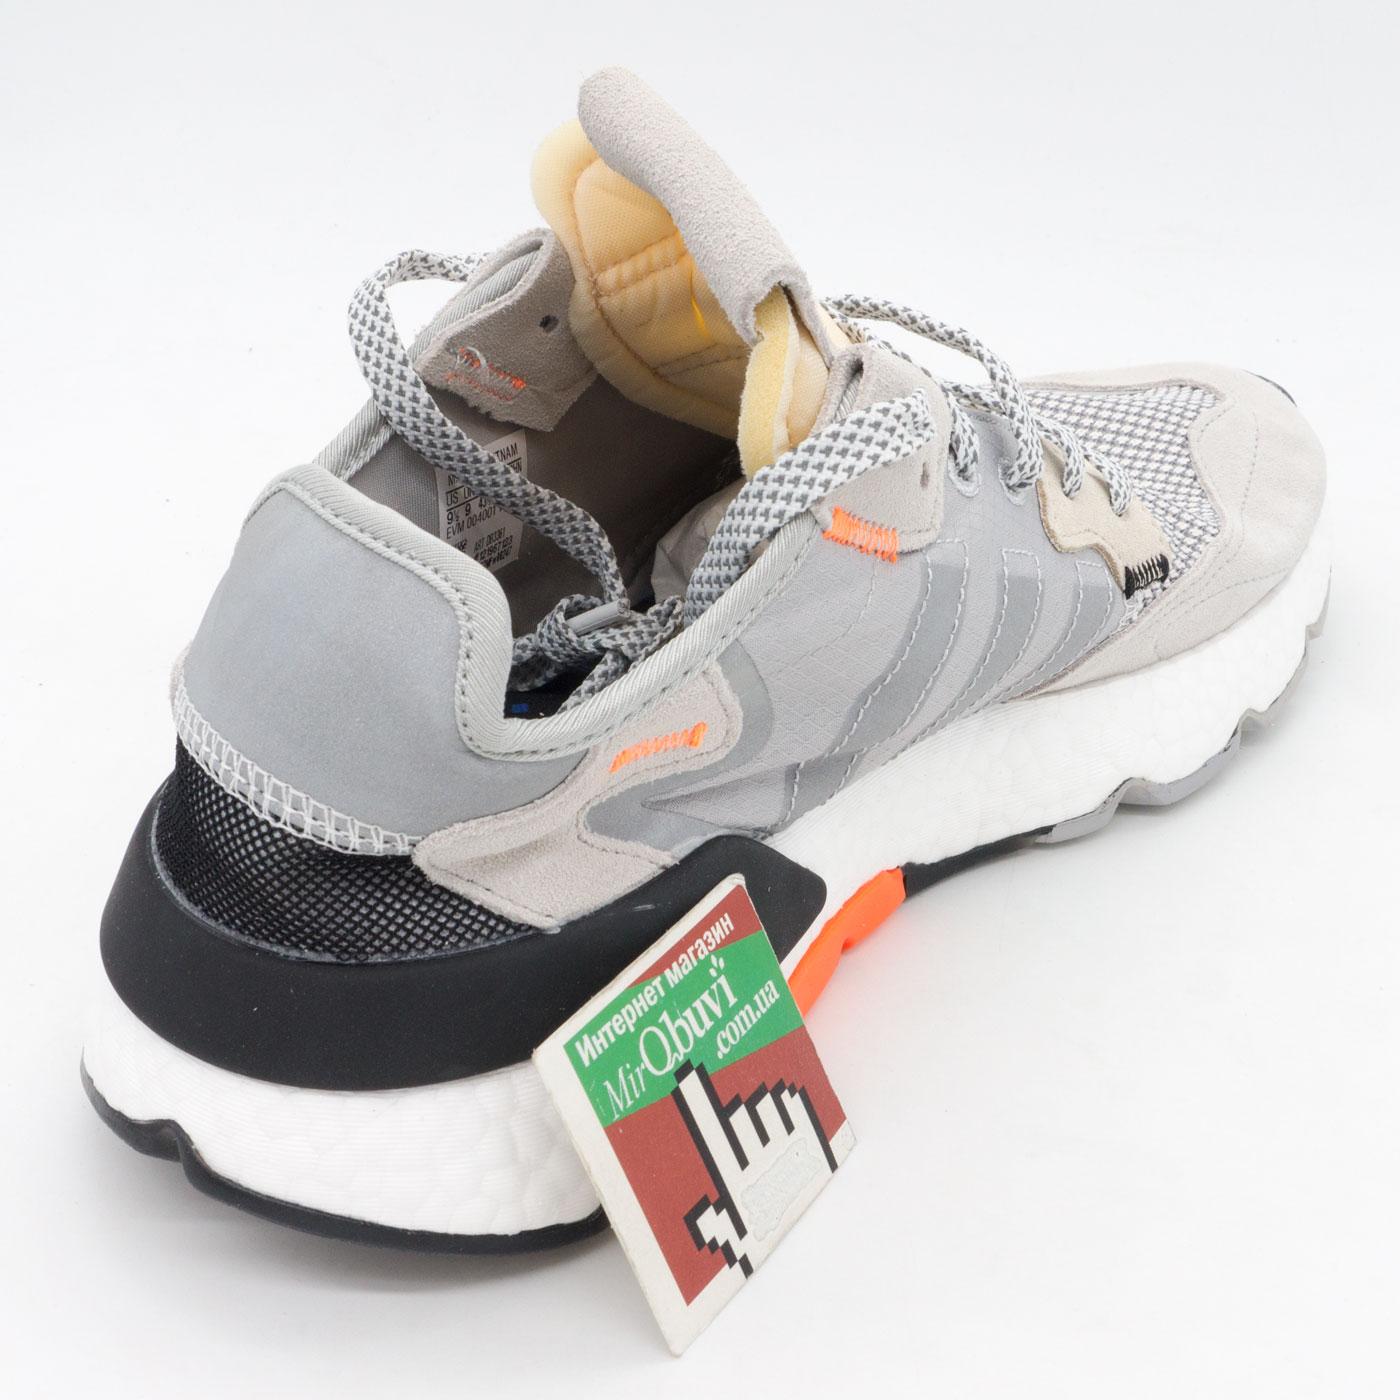 фото back Мужские кроссовки Adidas Nite Jogger серые. Топ качество! back